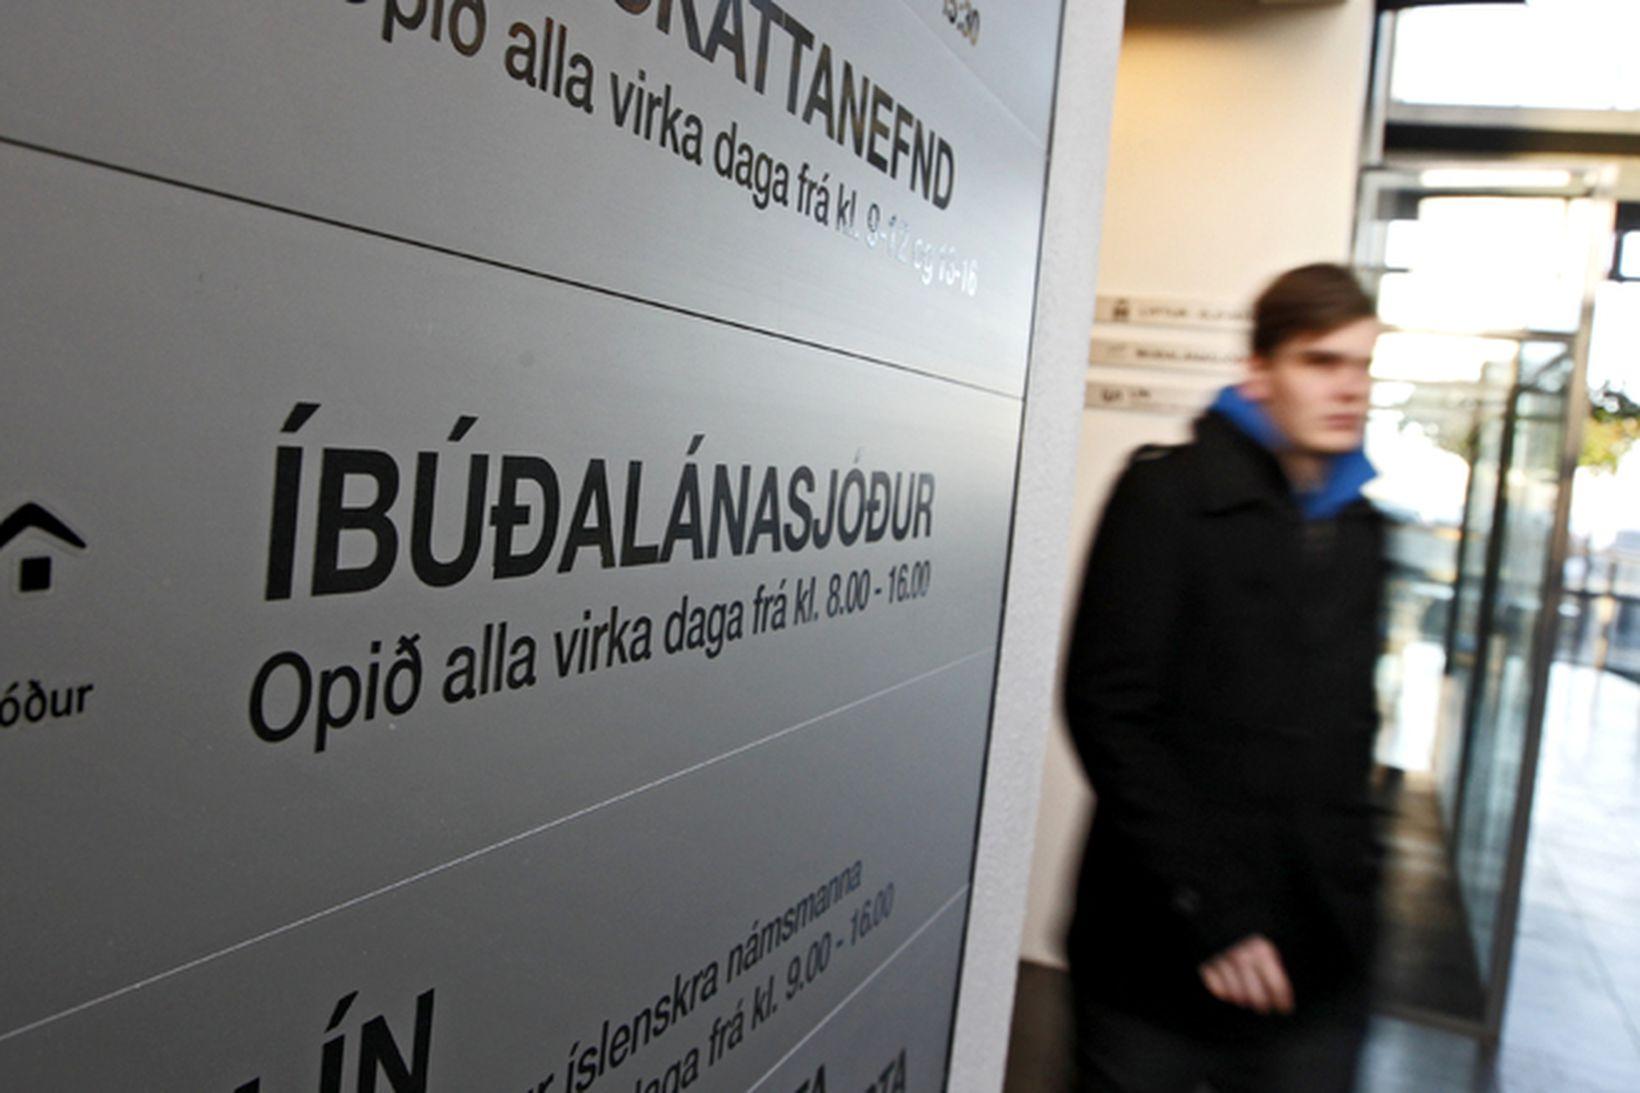 Íbúðalánasjóður þarf að borga til baka.